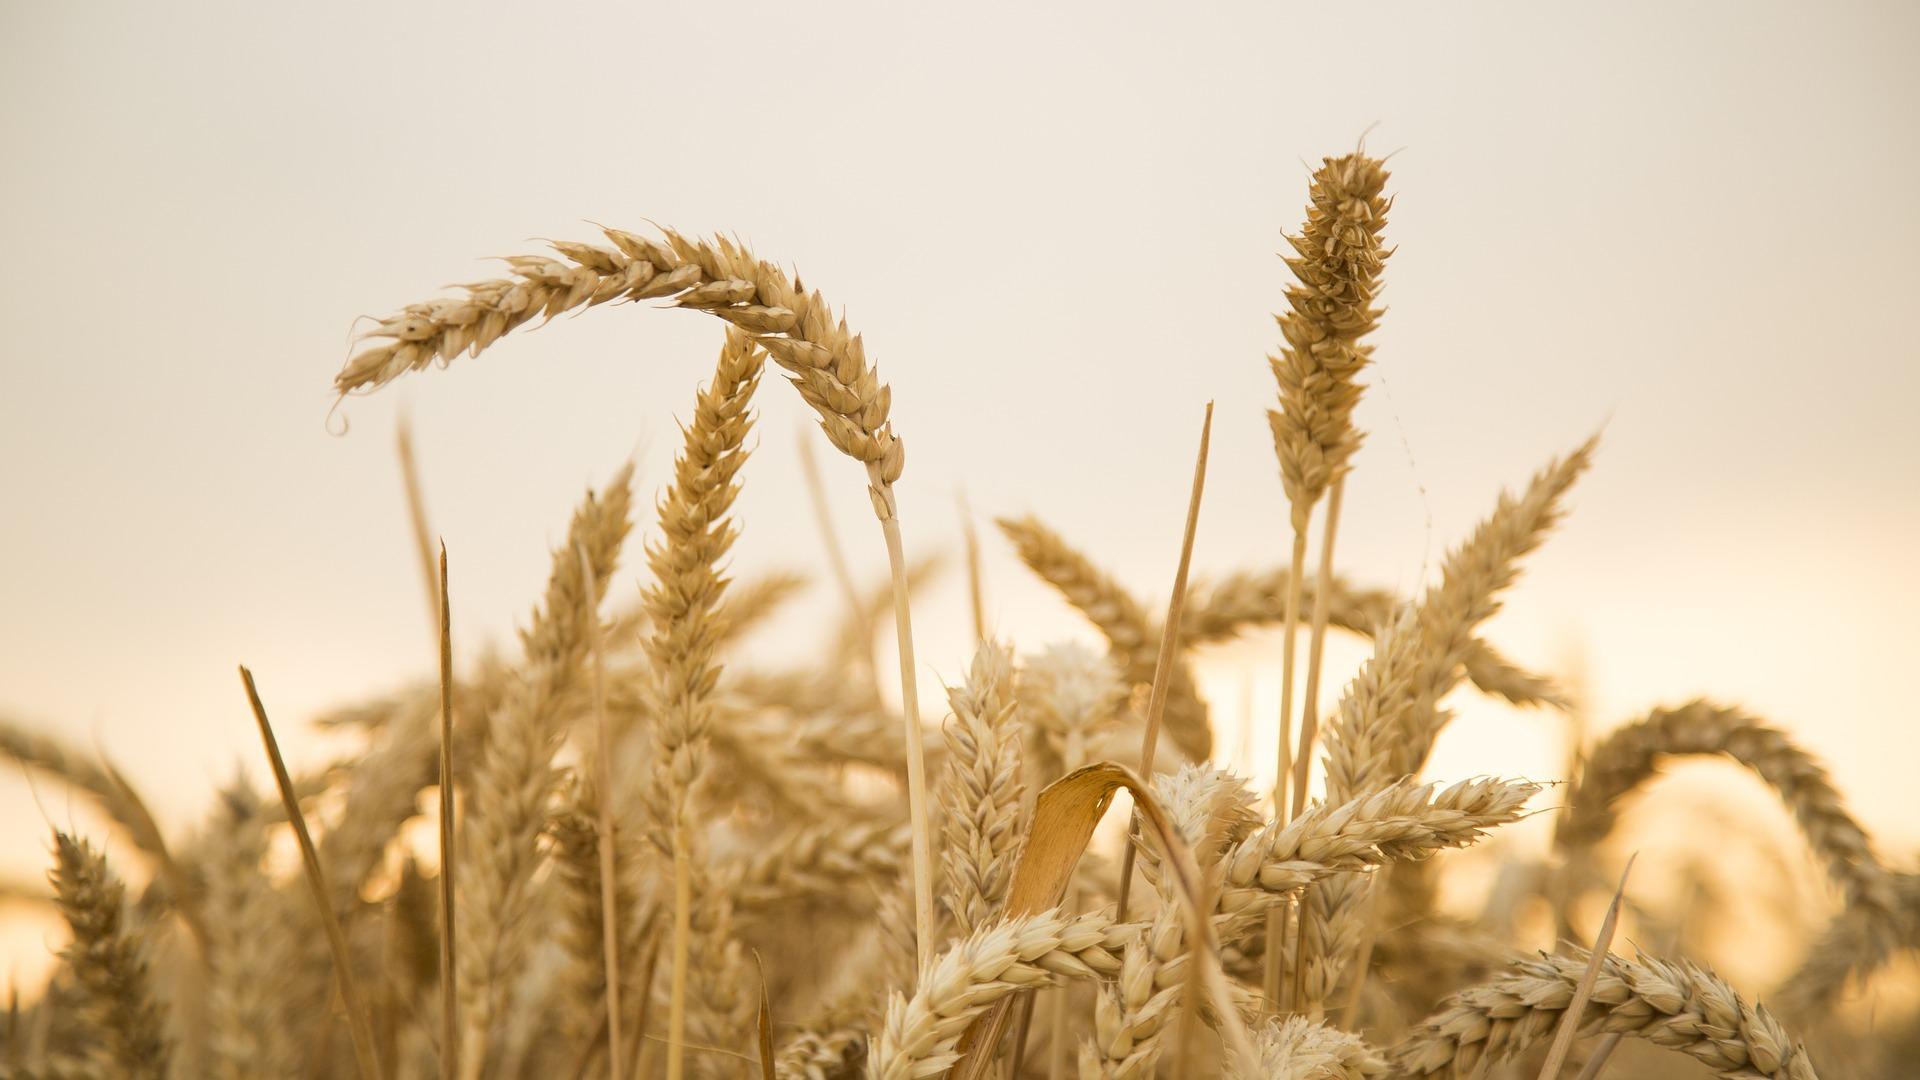 Revue des marchés du 7 Mai 2020 : Le blé